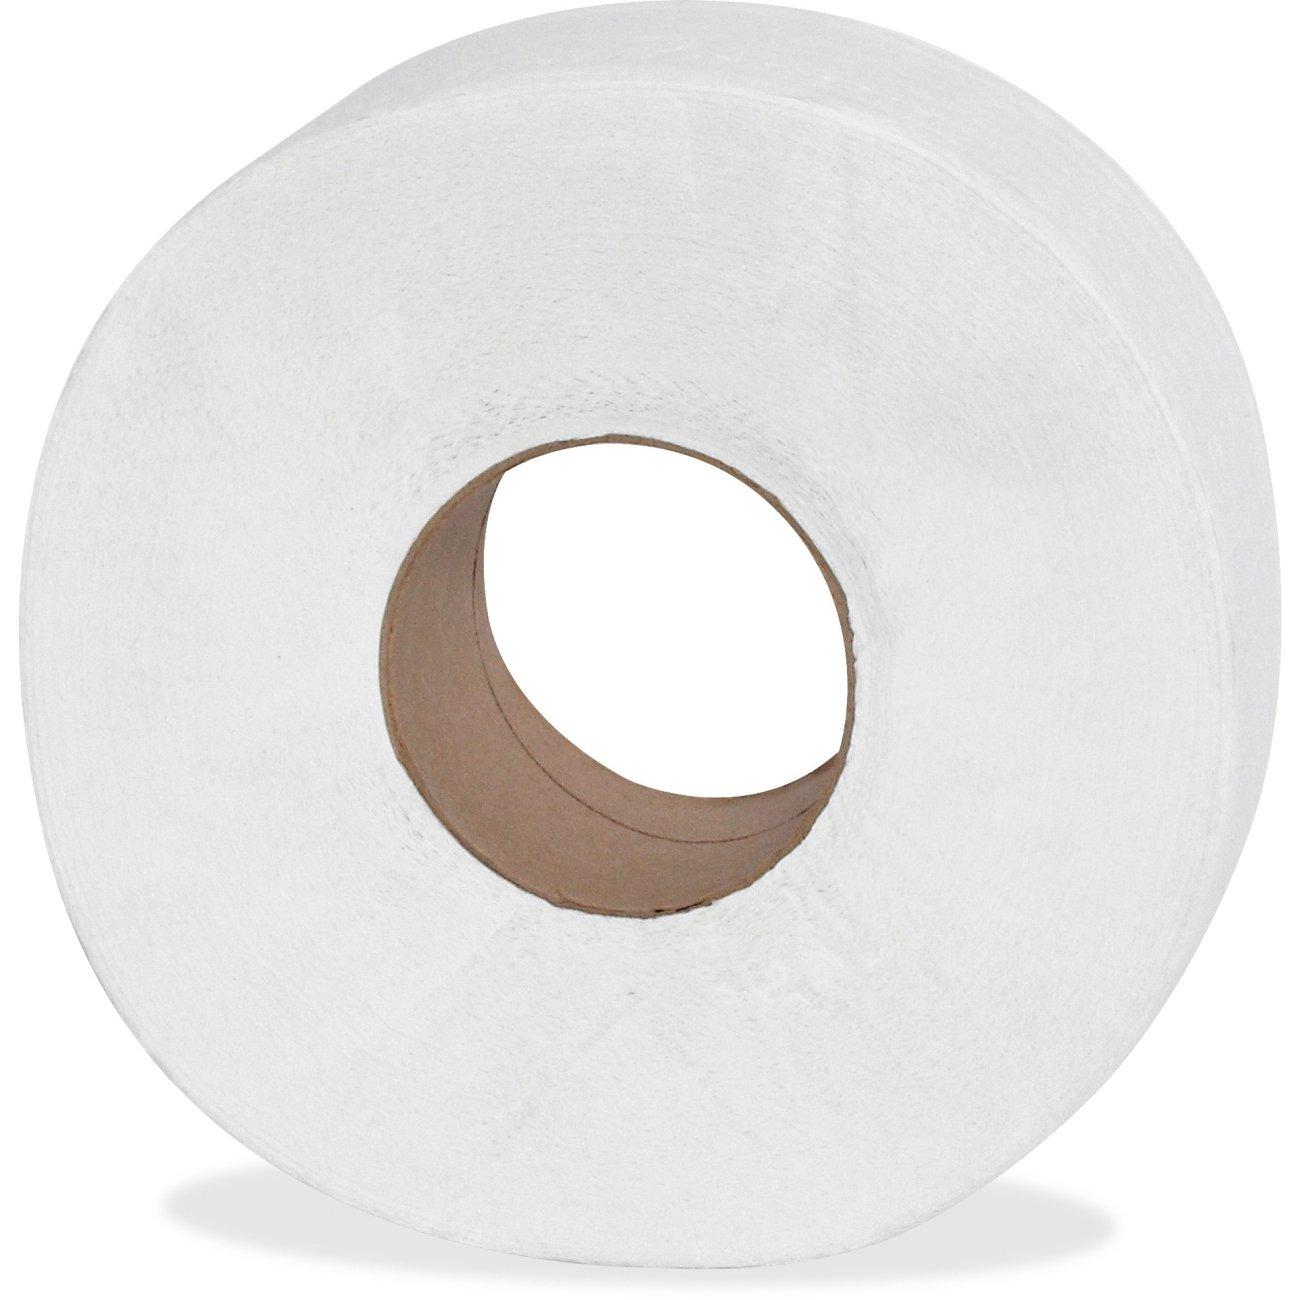 Genuine Joe GJO2565012 2-Ply Jumbo Roll Dispenser Bath Tissue, 650', White (Pack of 12)